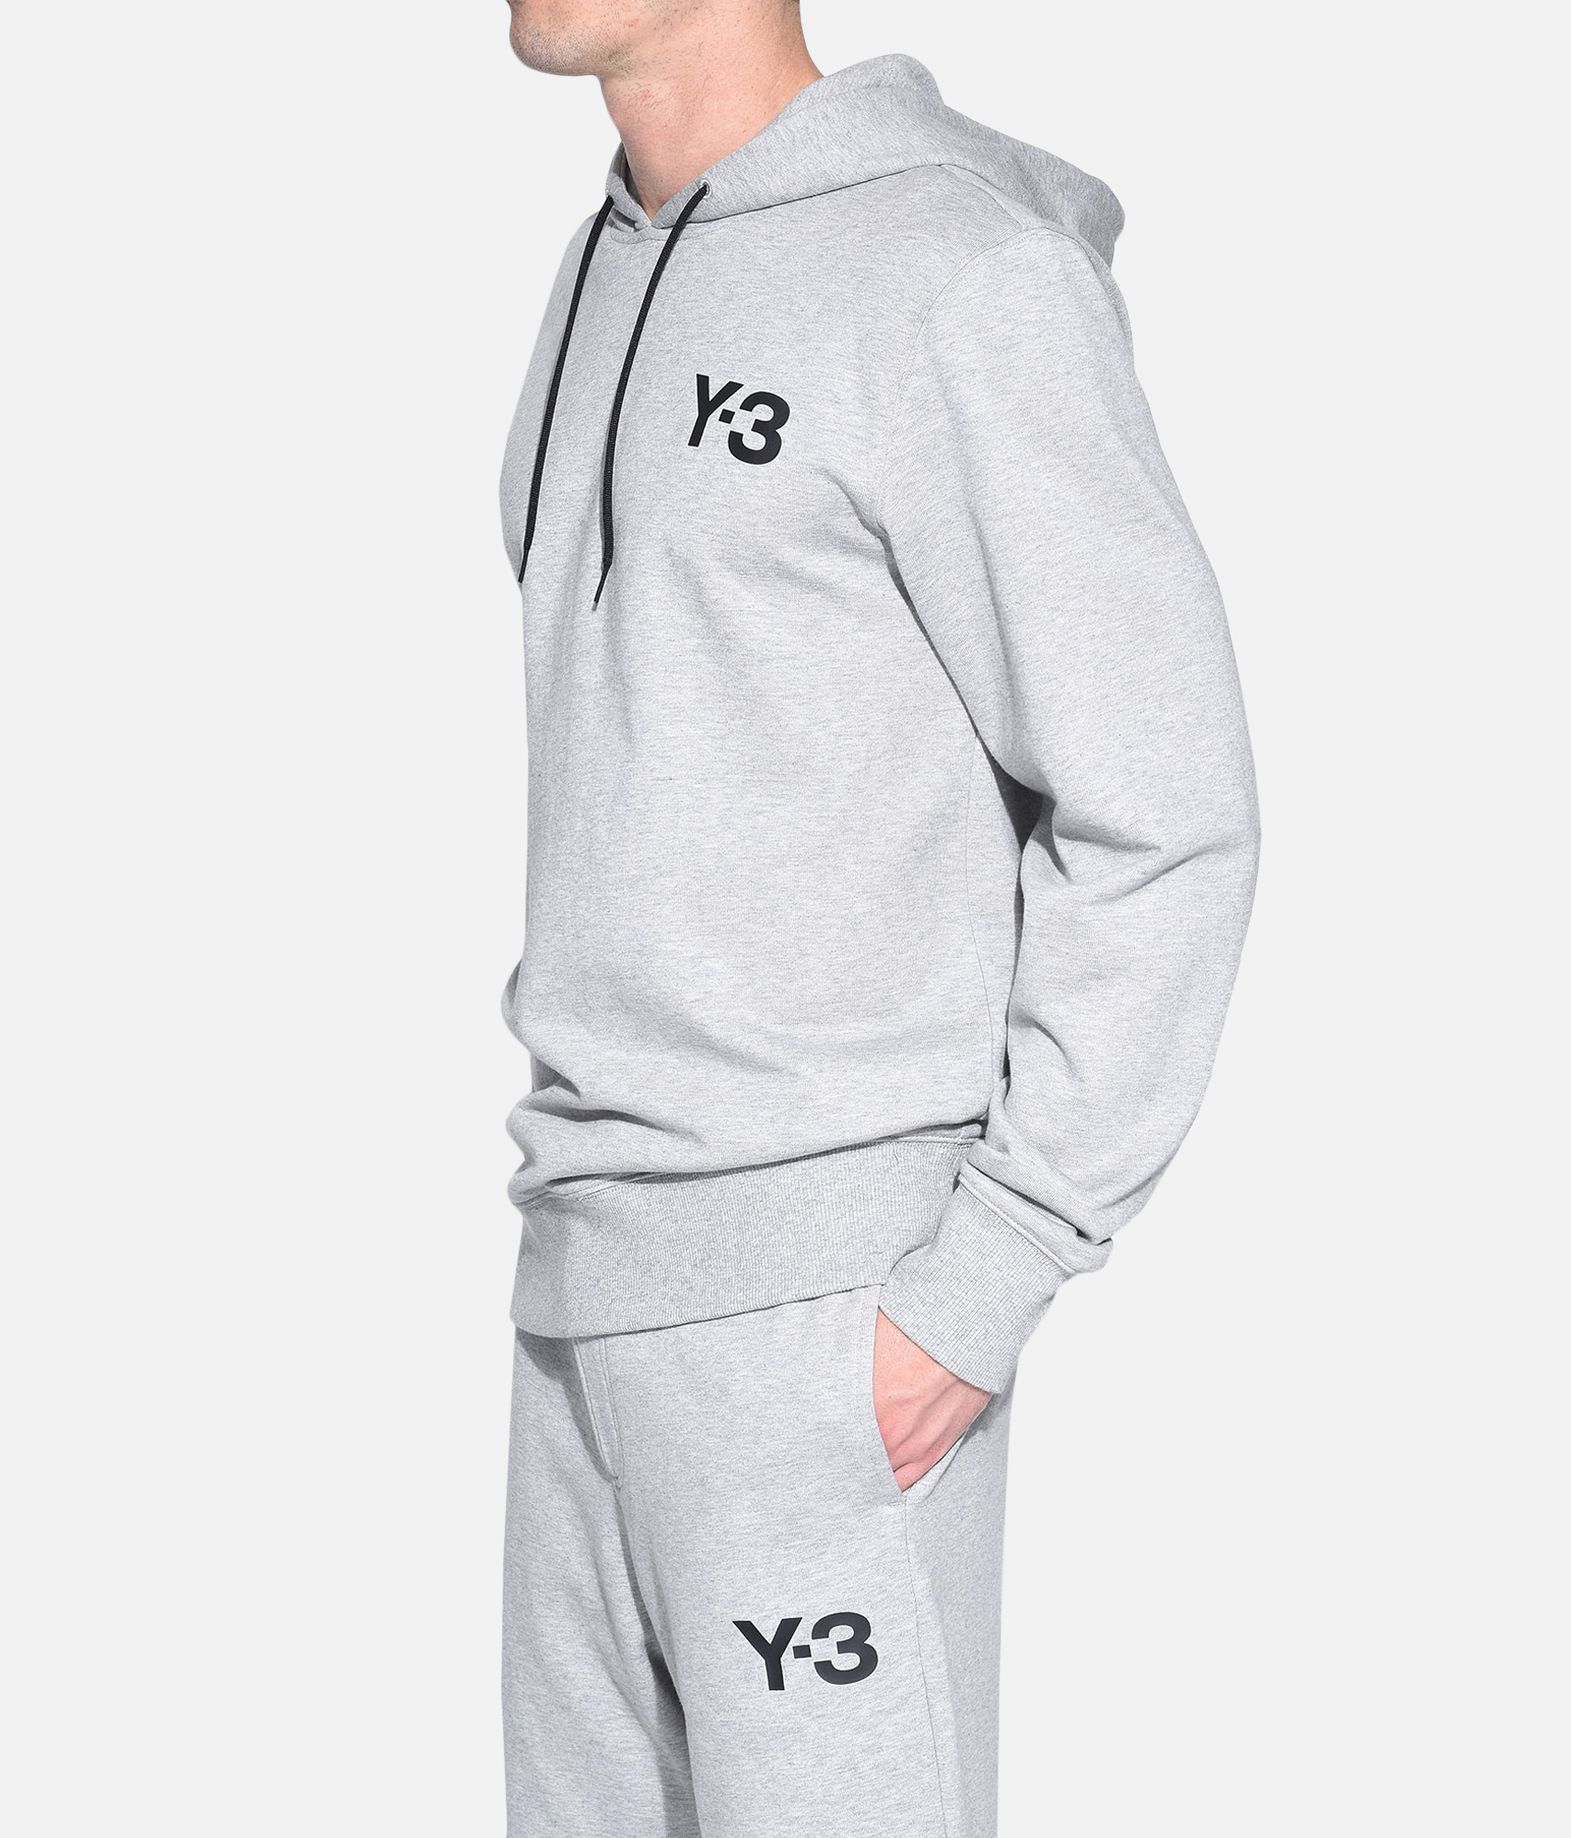 Y-3 Y-3 CLASSIC HOODIE Sweatshirt mit Kapuze Herren e